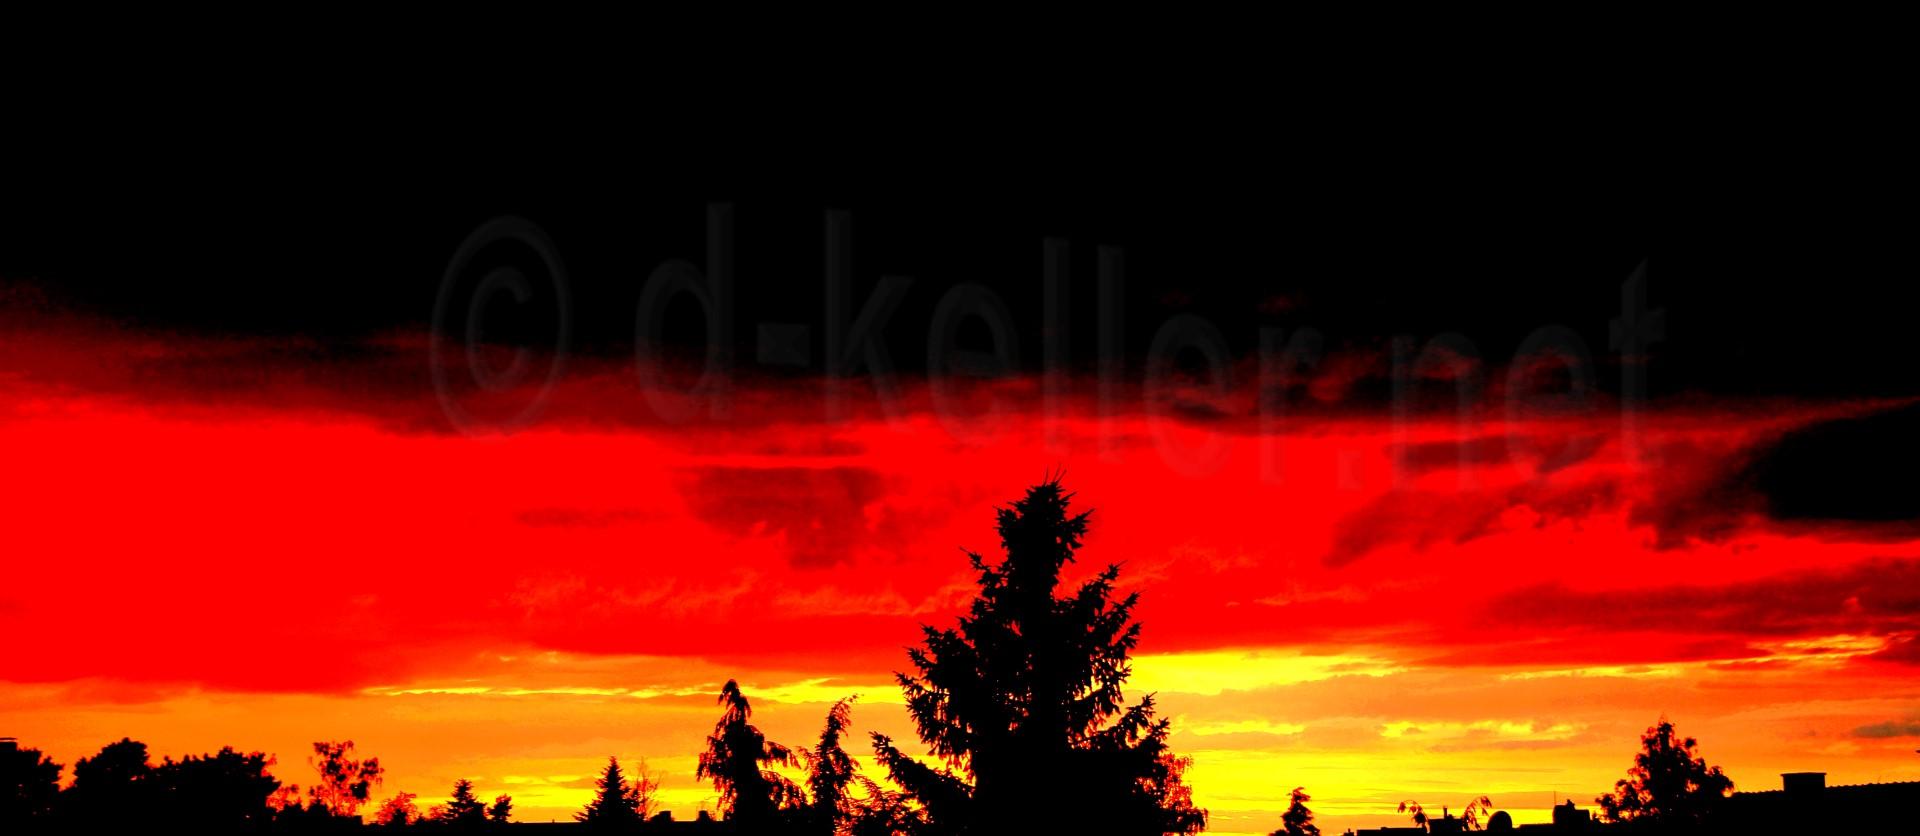 Schwarzrotgoldhimmel-large